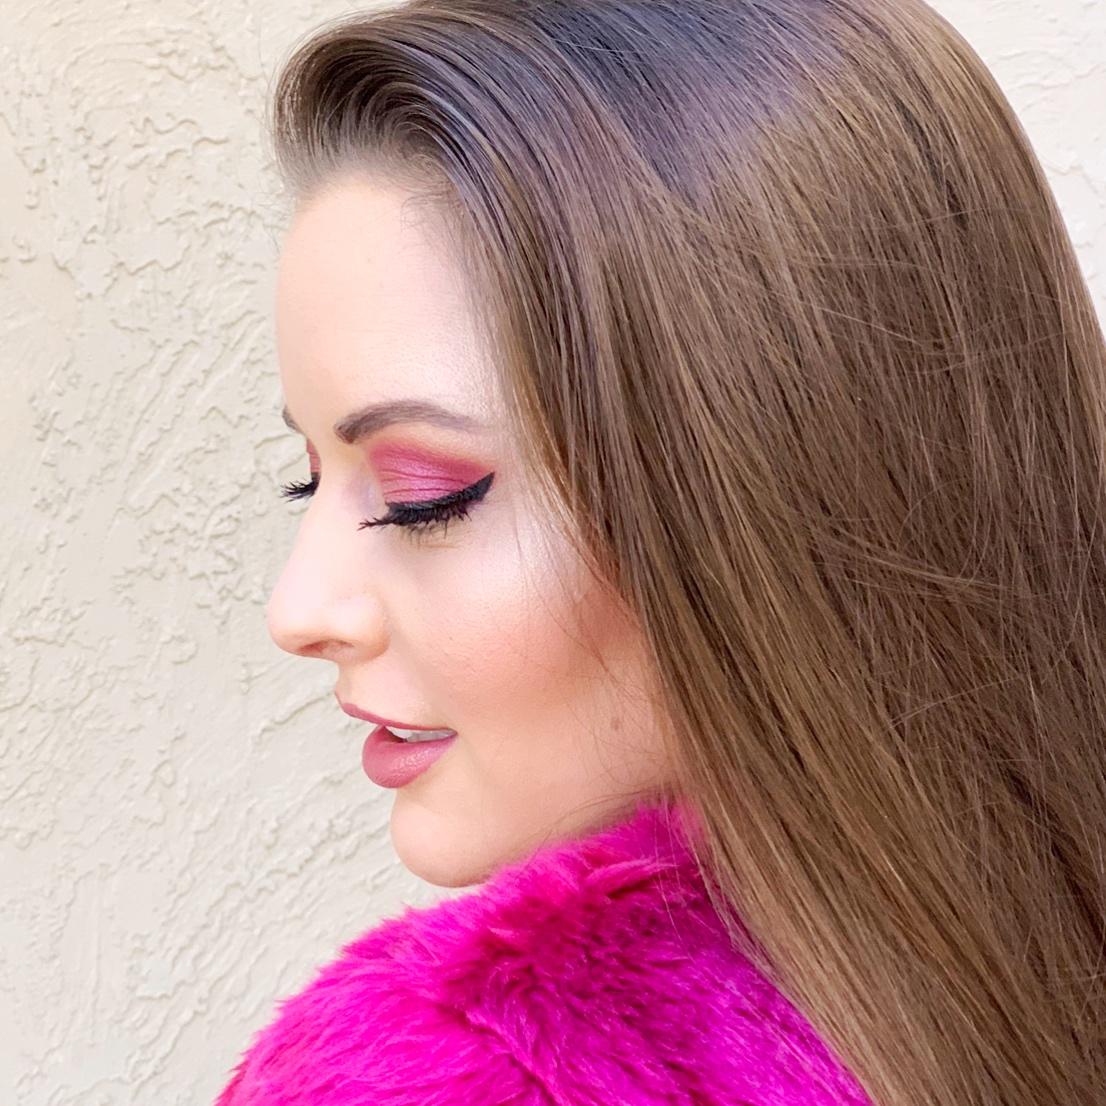 Tati Beauty Palette Review